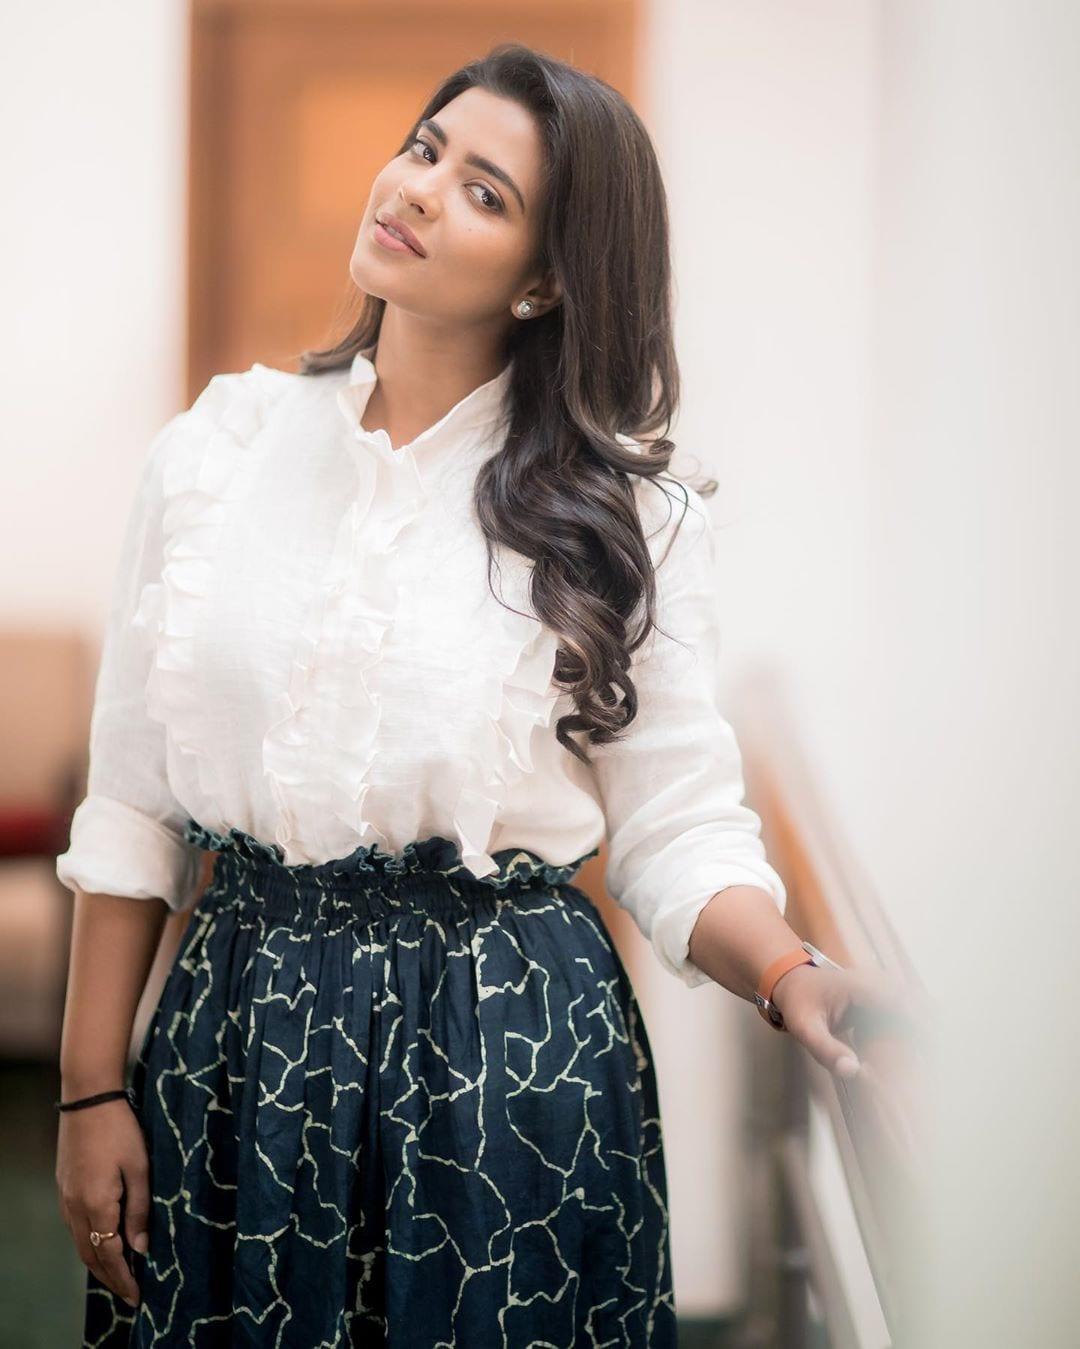 இணையத்தை கலக்கும் பன்முக திறமை நாயகி ஐஸ்வர்யா ராஜேஷ் ( image : instagram)